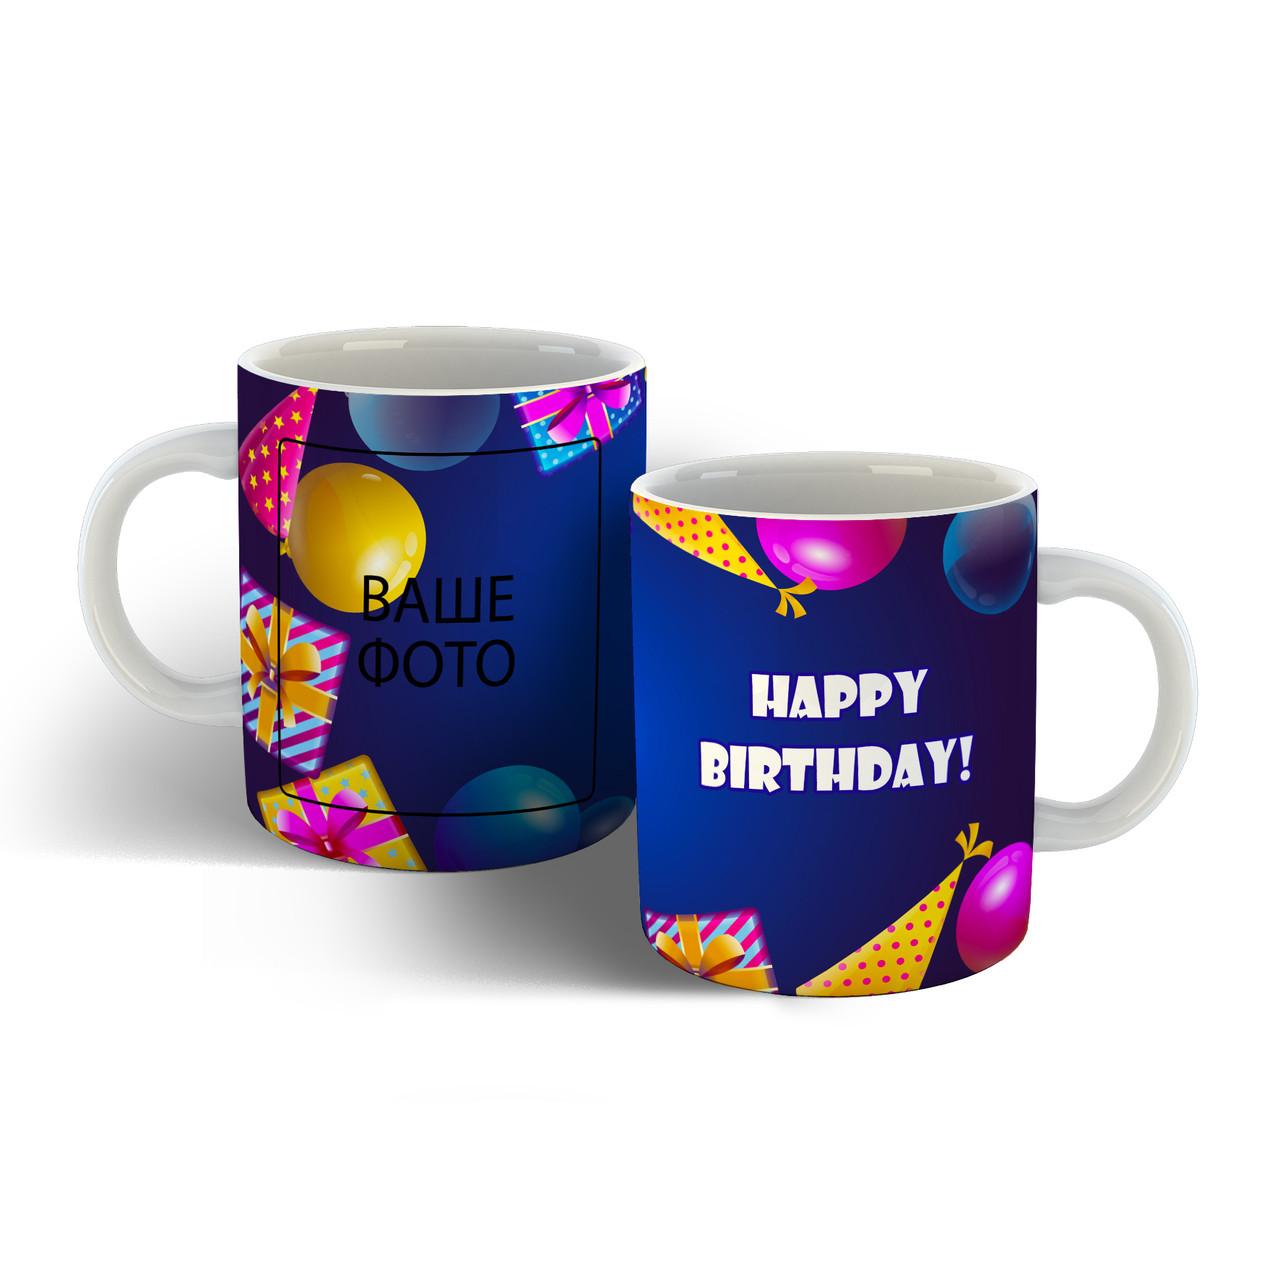 Чашка на день рожденья с ярким оформлением.